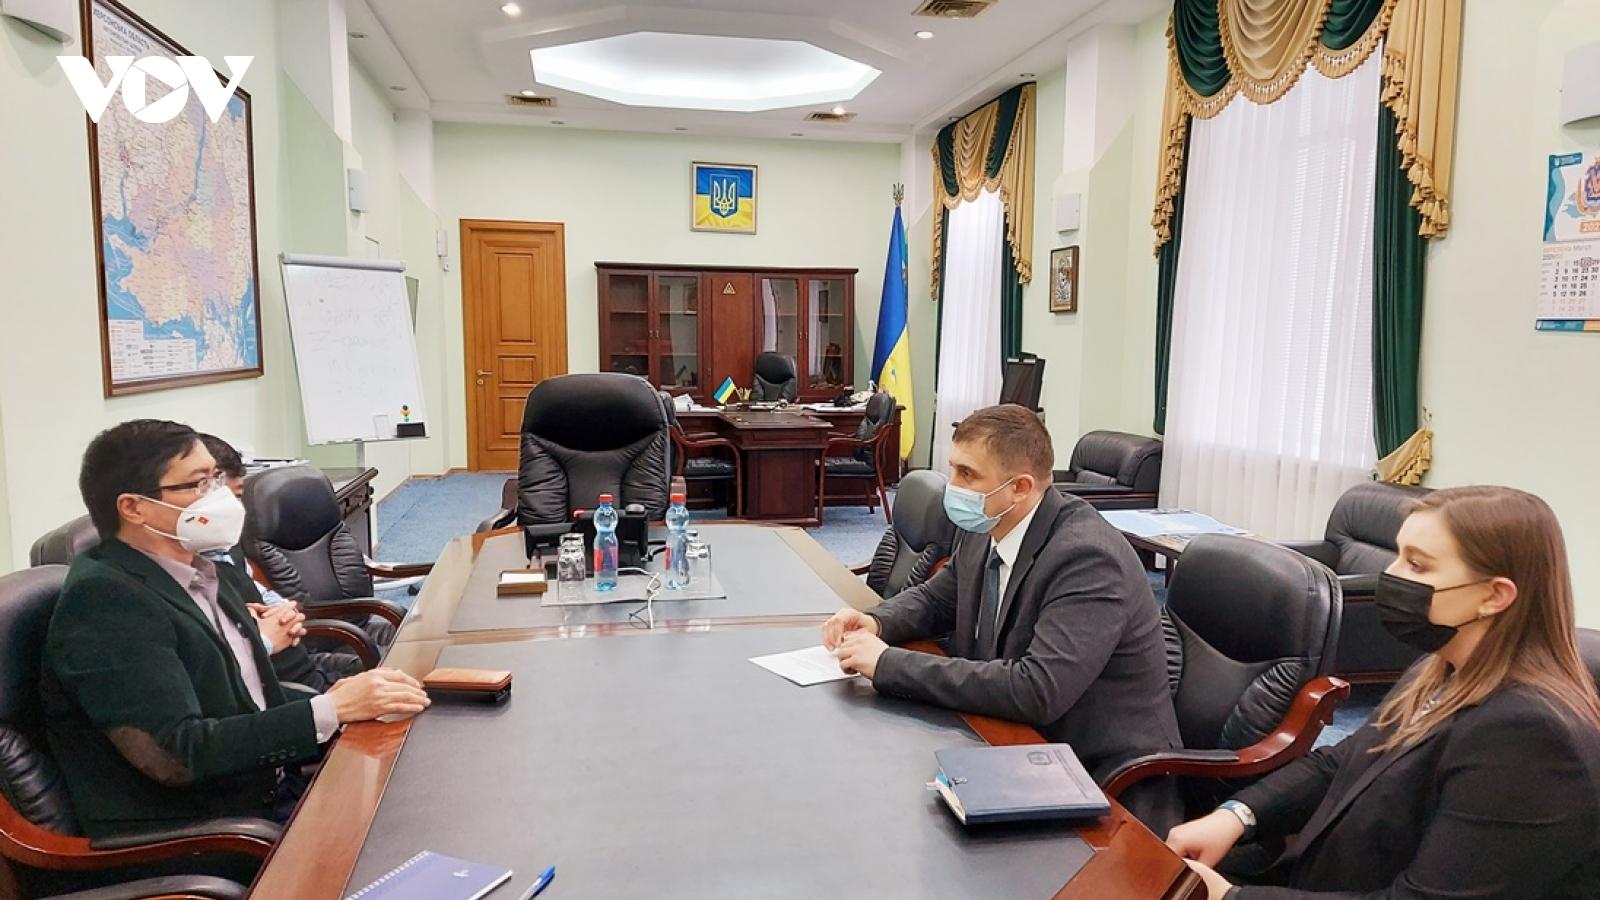 Đại sứ Việt Nam tại Ukraine gặp gỡ cộng đồng người Việt ở miền Nam đất nước